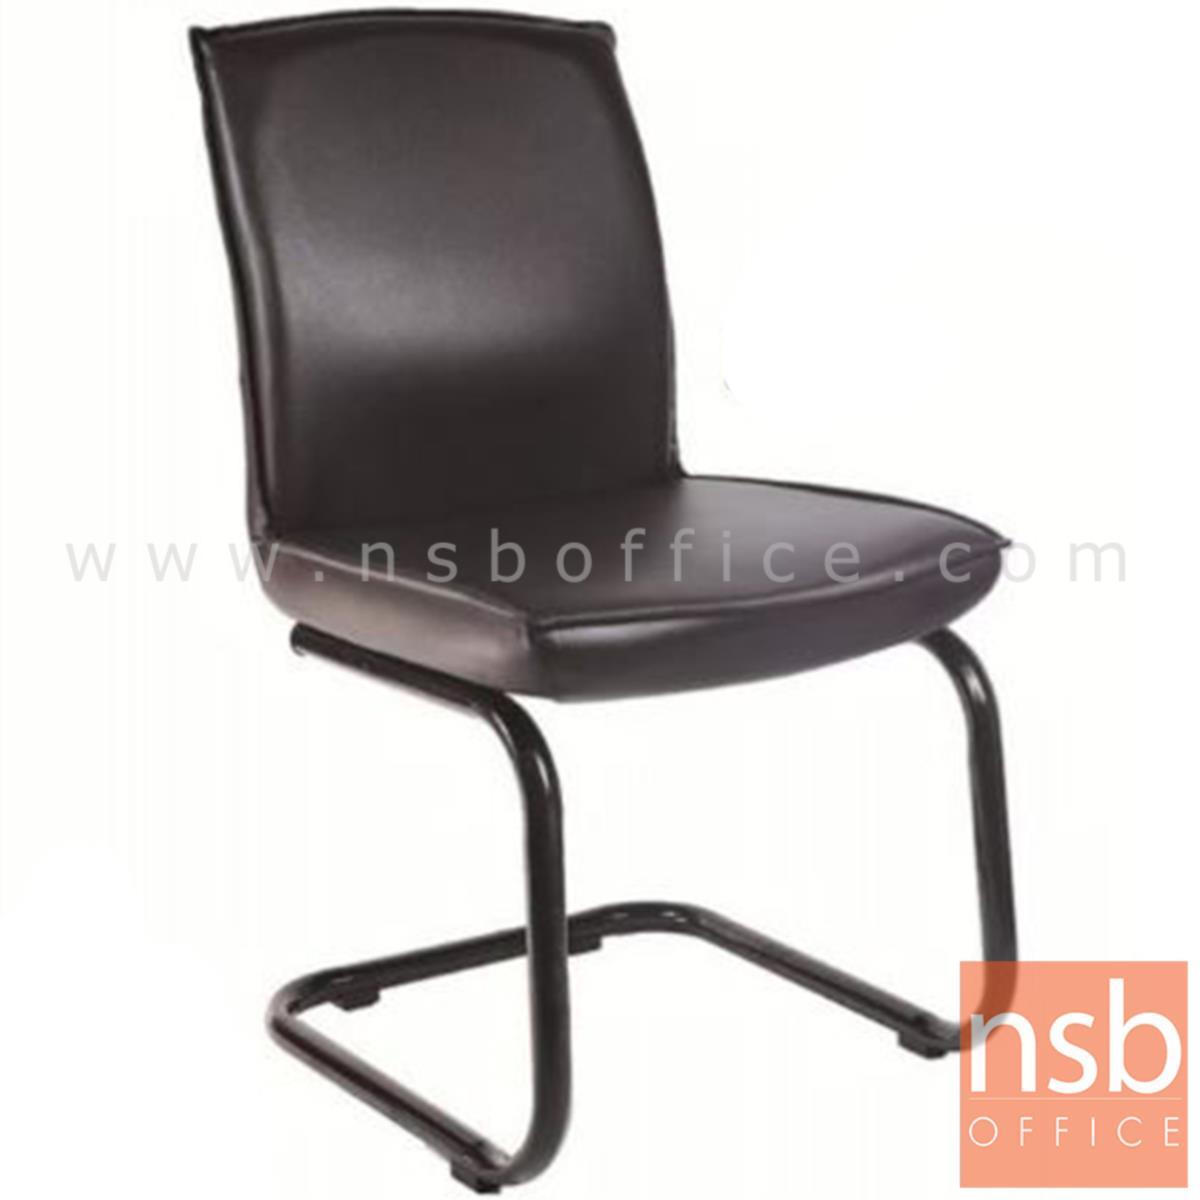 B04A184:เก้าอี้รับแขกขาตัวซี รุ่น Bougavillle (บูเกฟวิลล)  ขาเหล็กพ่นดำ